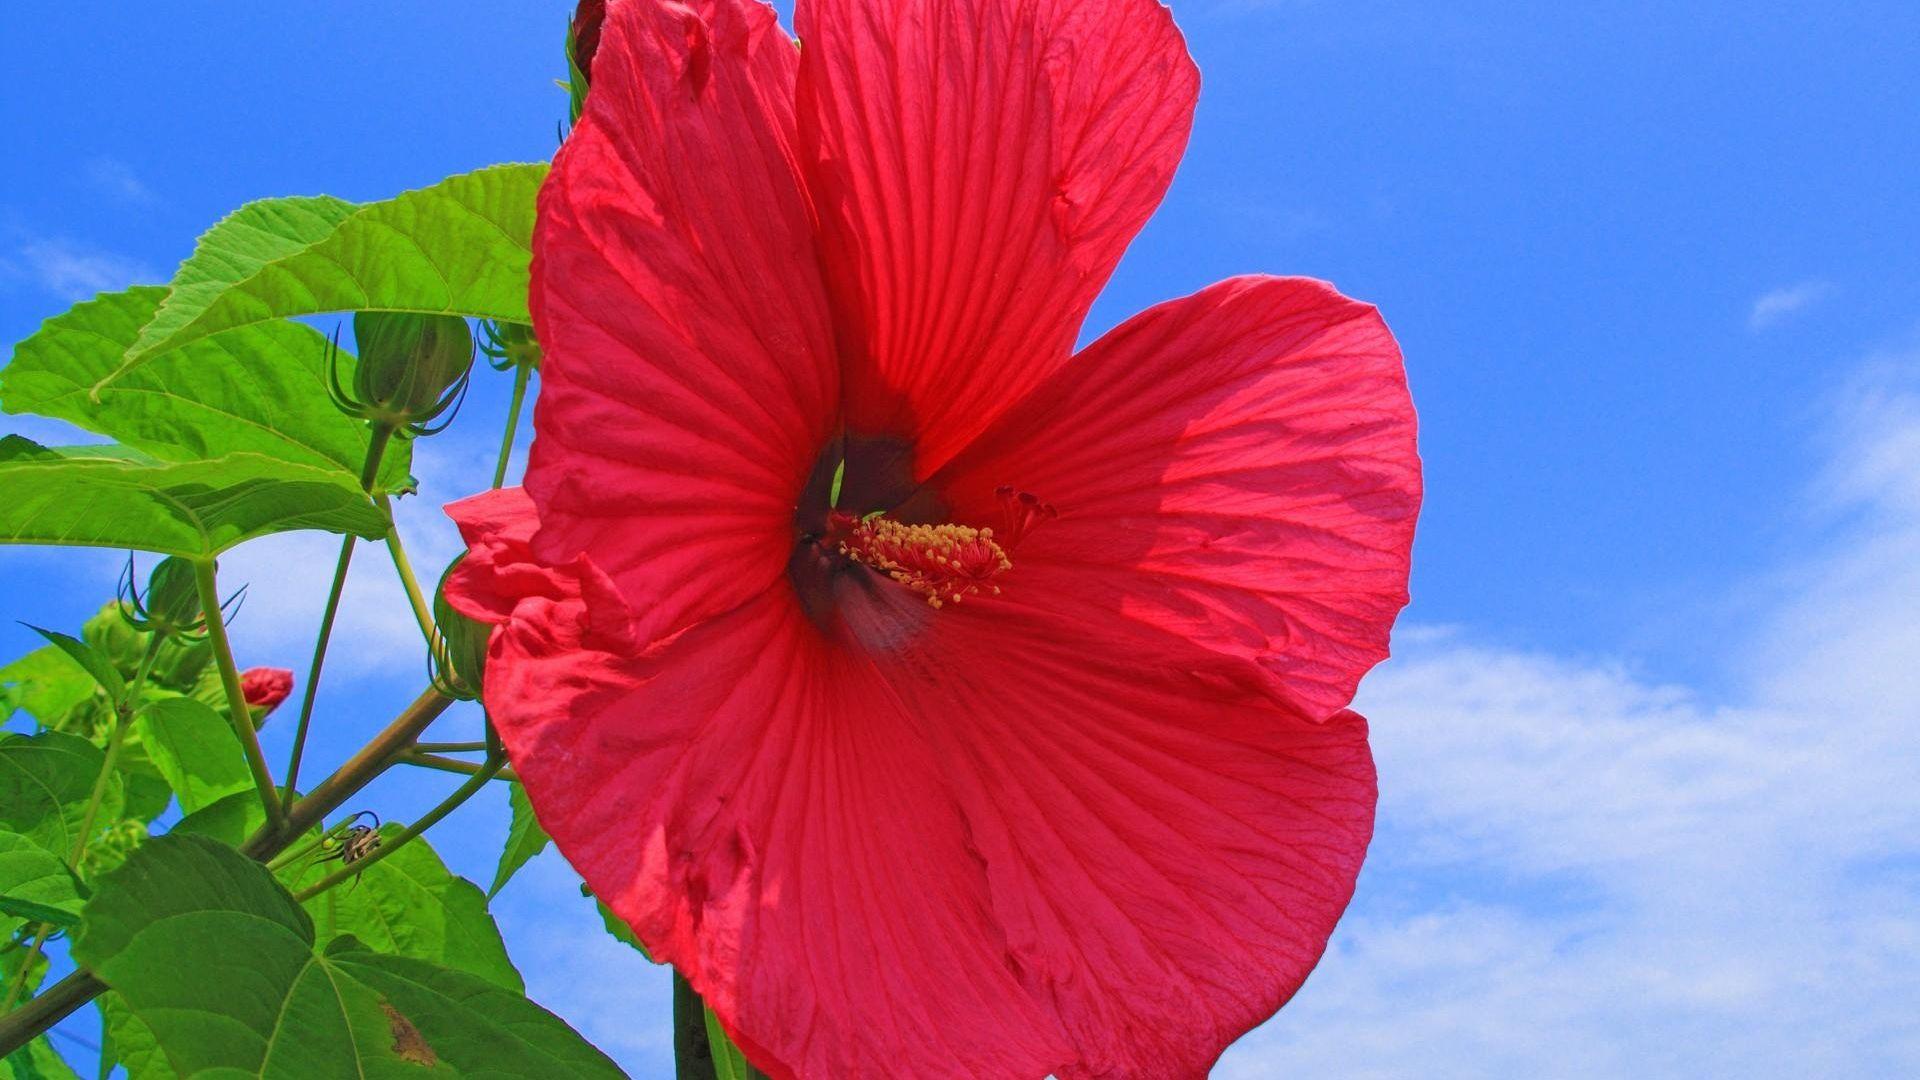 Epingle Par Antcliff Henderson Sur Flowers Wallpapers Images Cachees